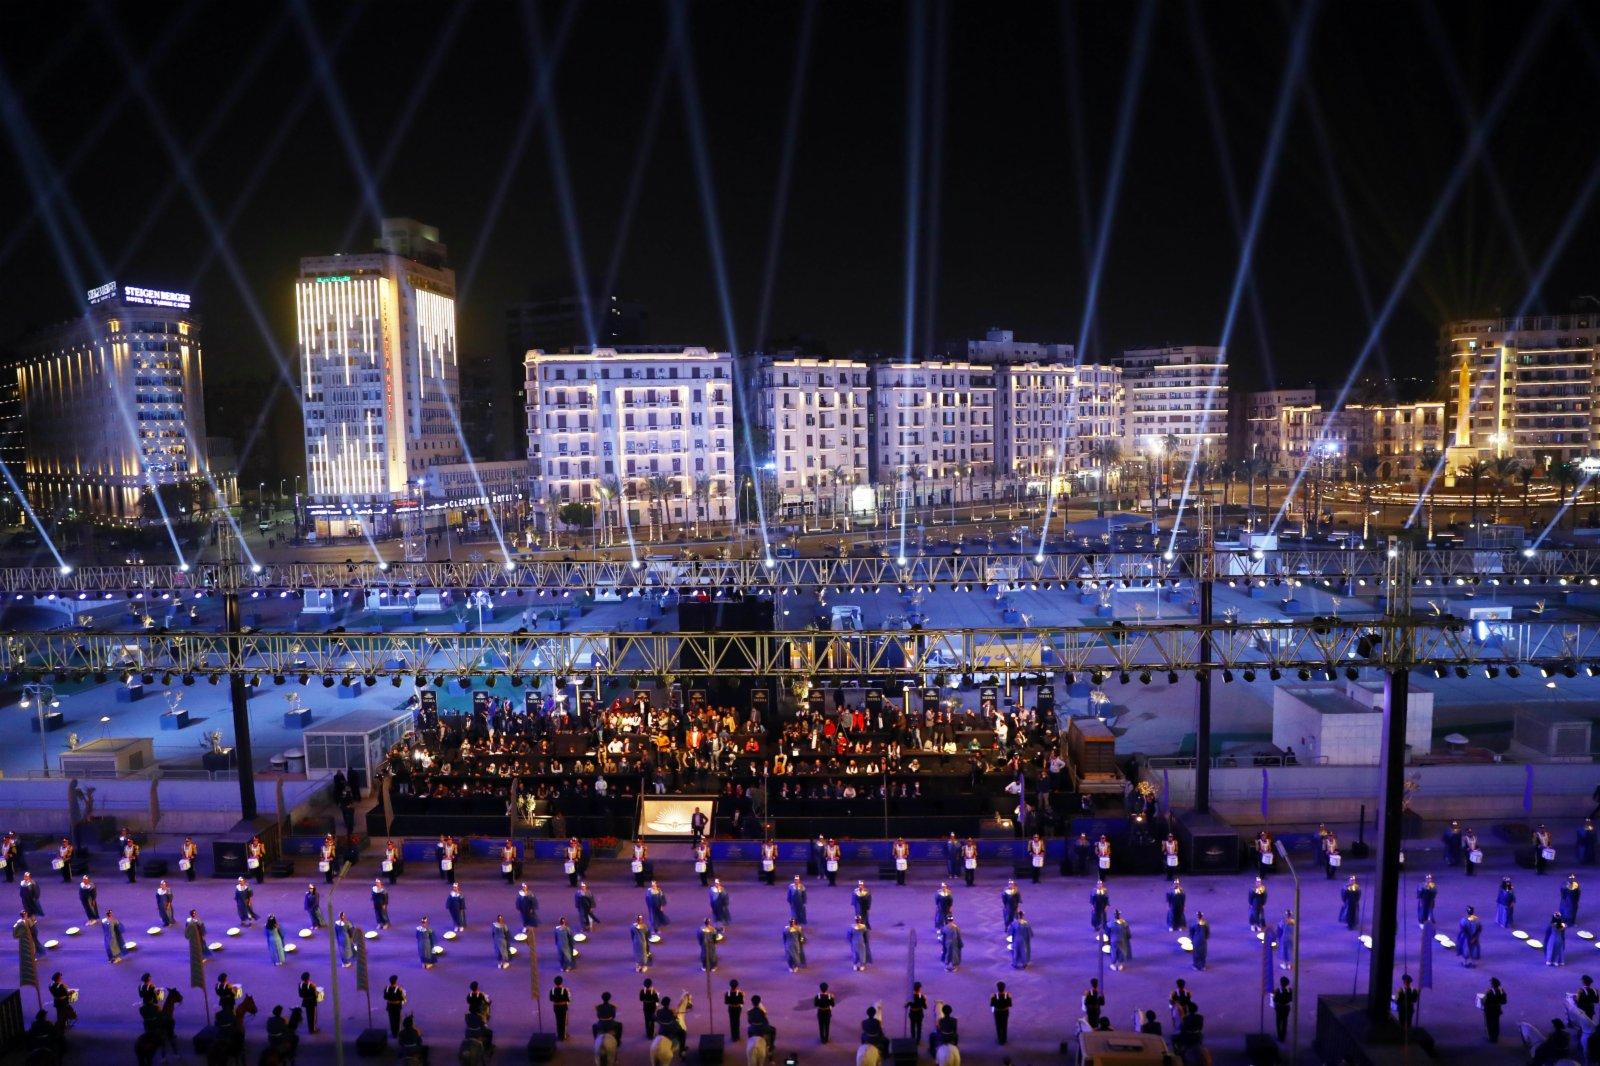 這是4月3日在埃及首都開羅木乃伊轉移現場的文藝演出。(新華社)